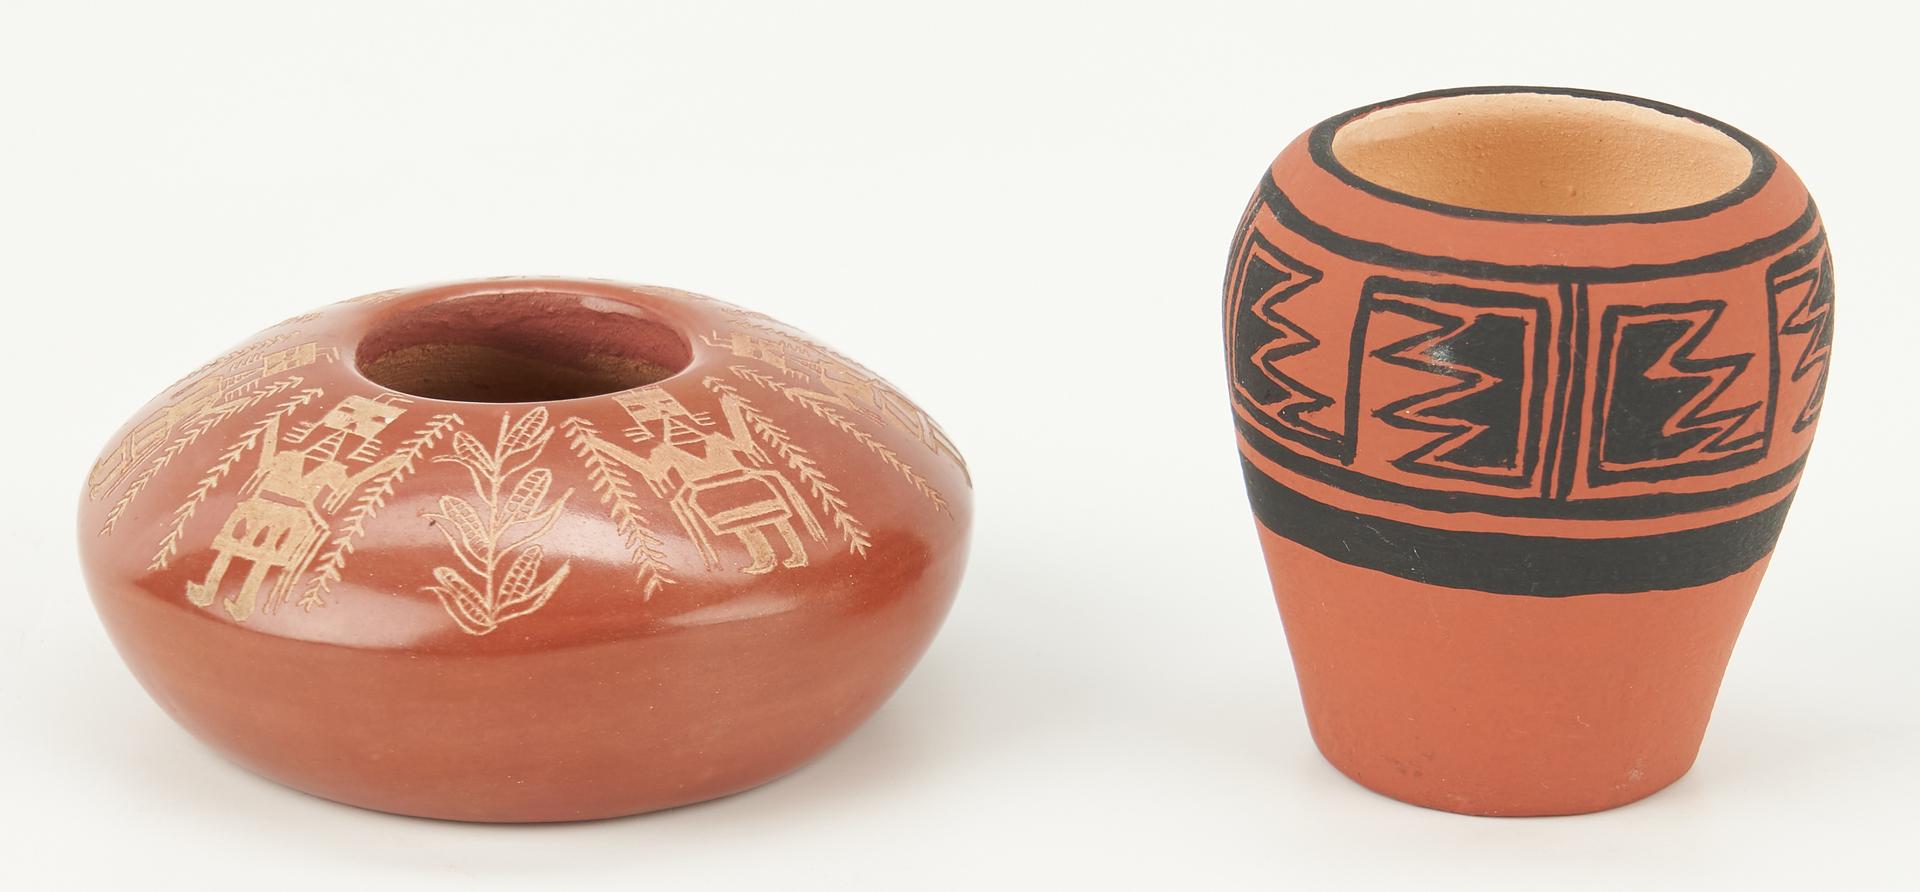 Lot 674: 3 Santa Clara Pottery Items & 2 Mini Baskets, 5 items